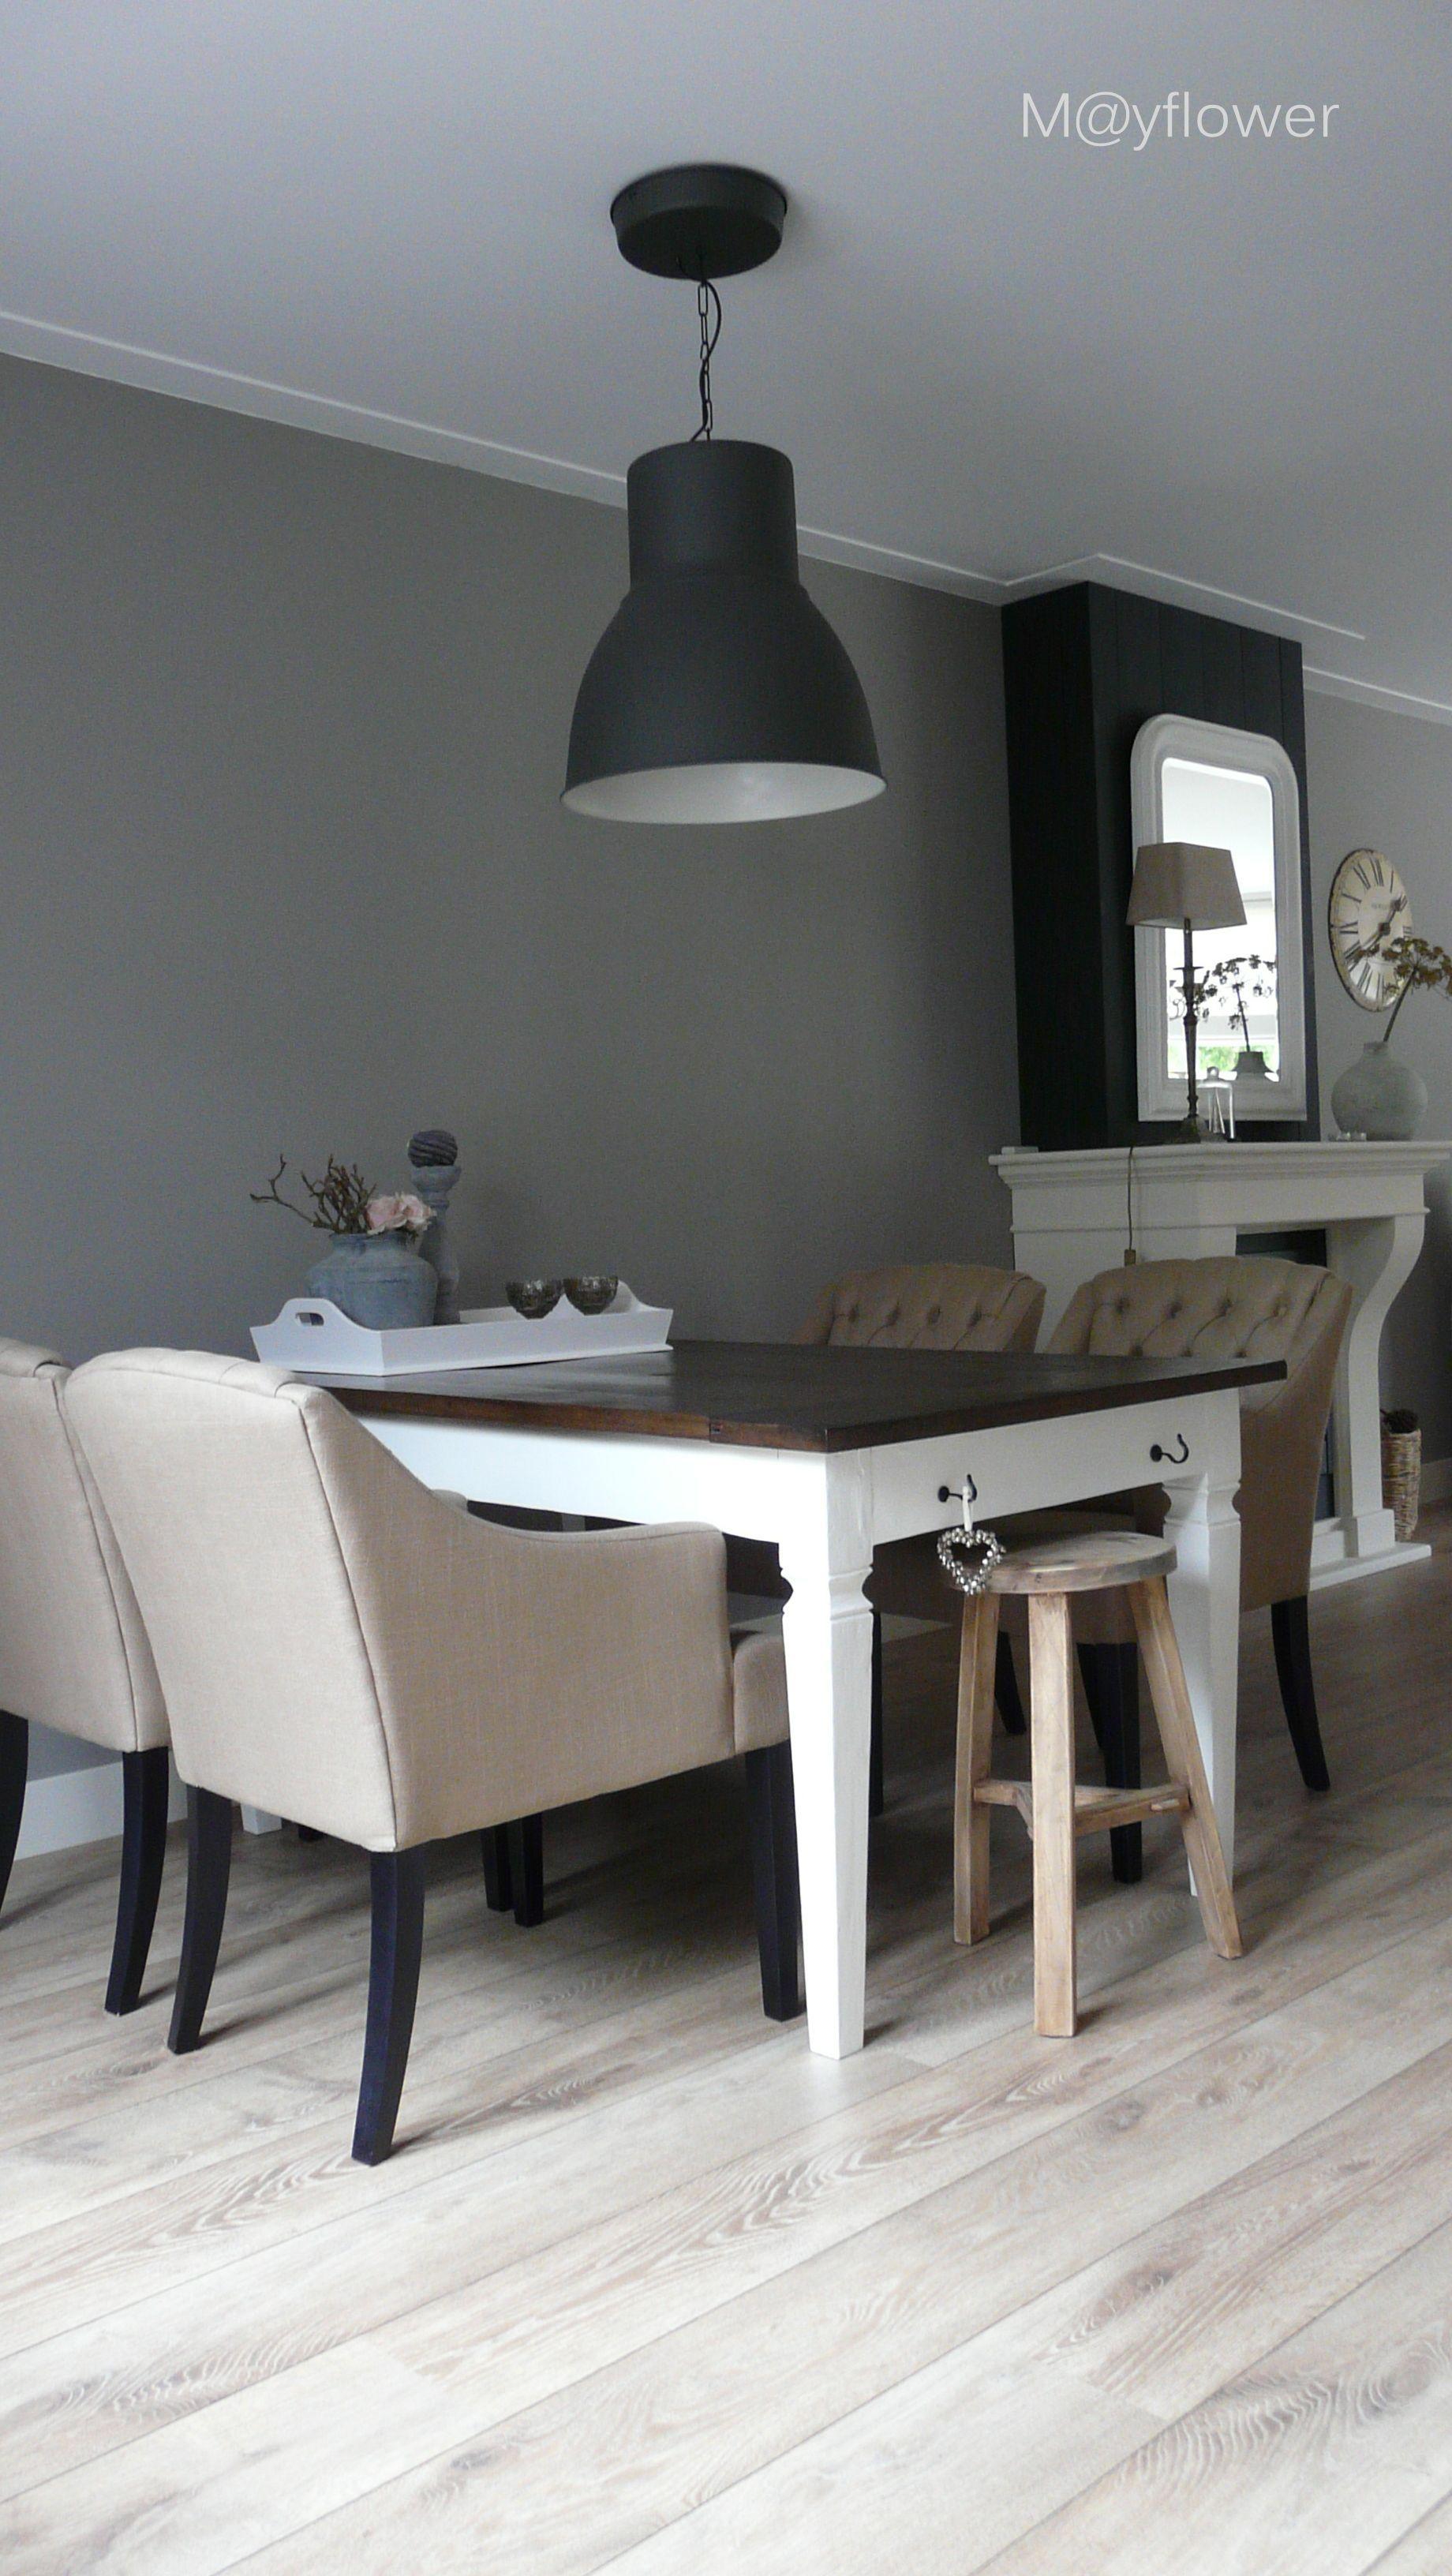 Finest Dining Room Designs - June, 2018 | Fine dining room ...